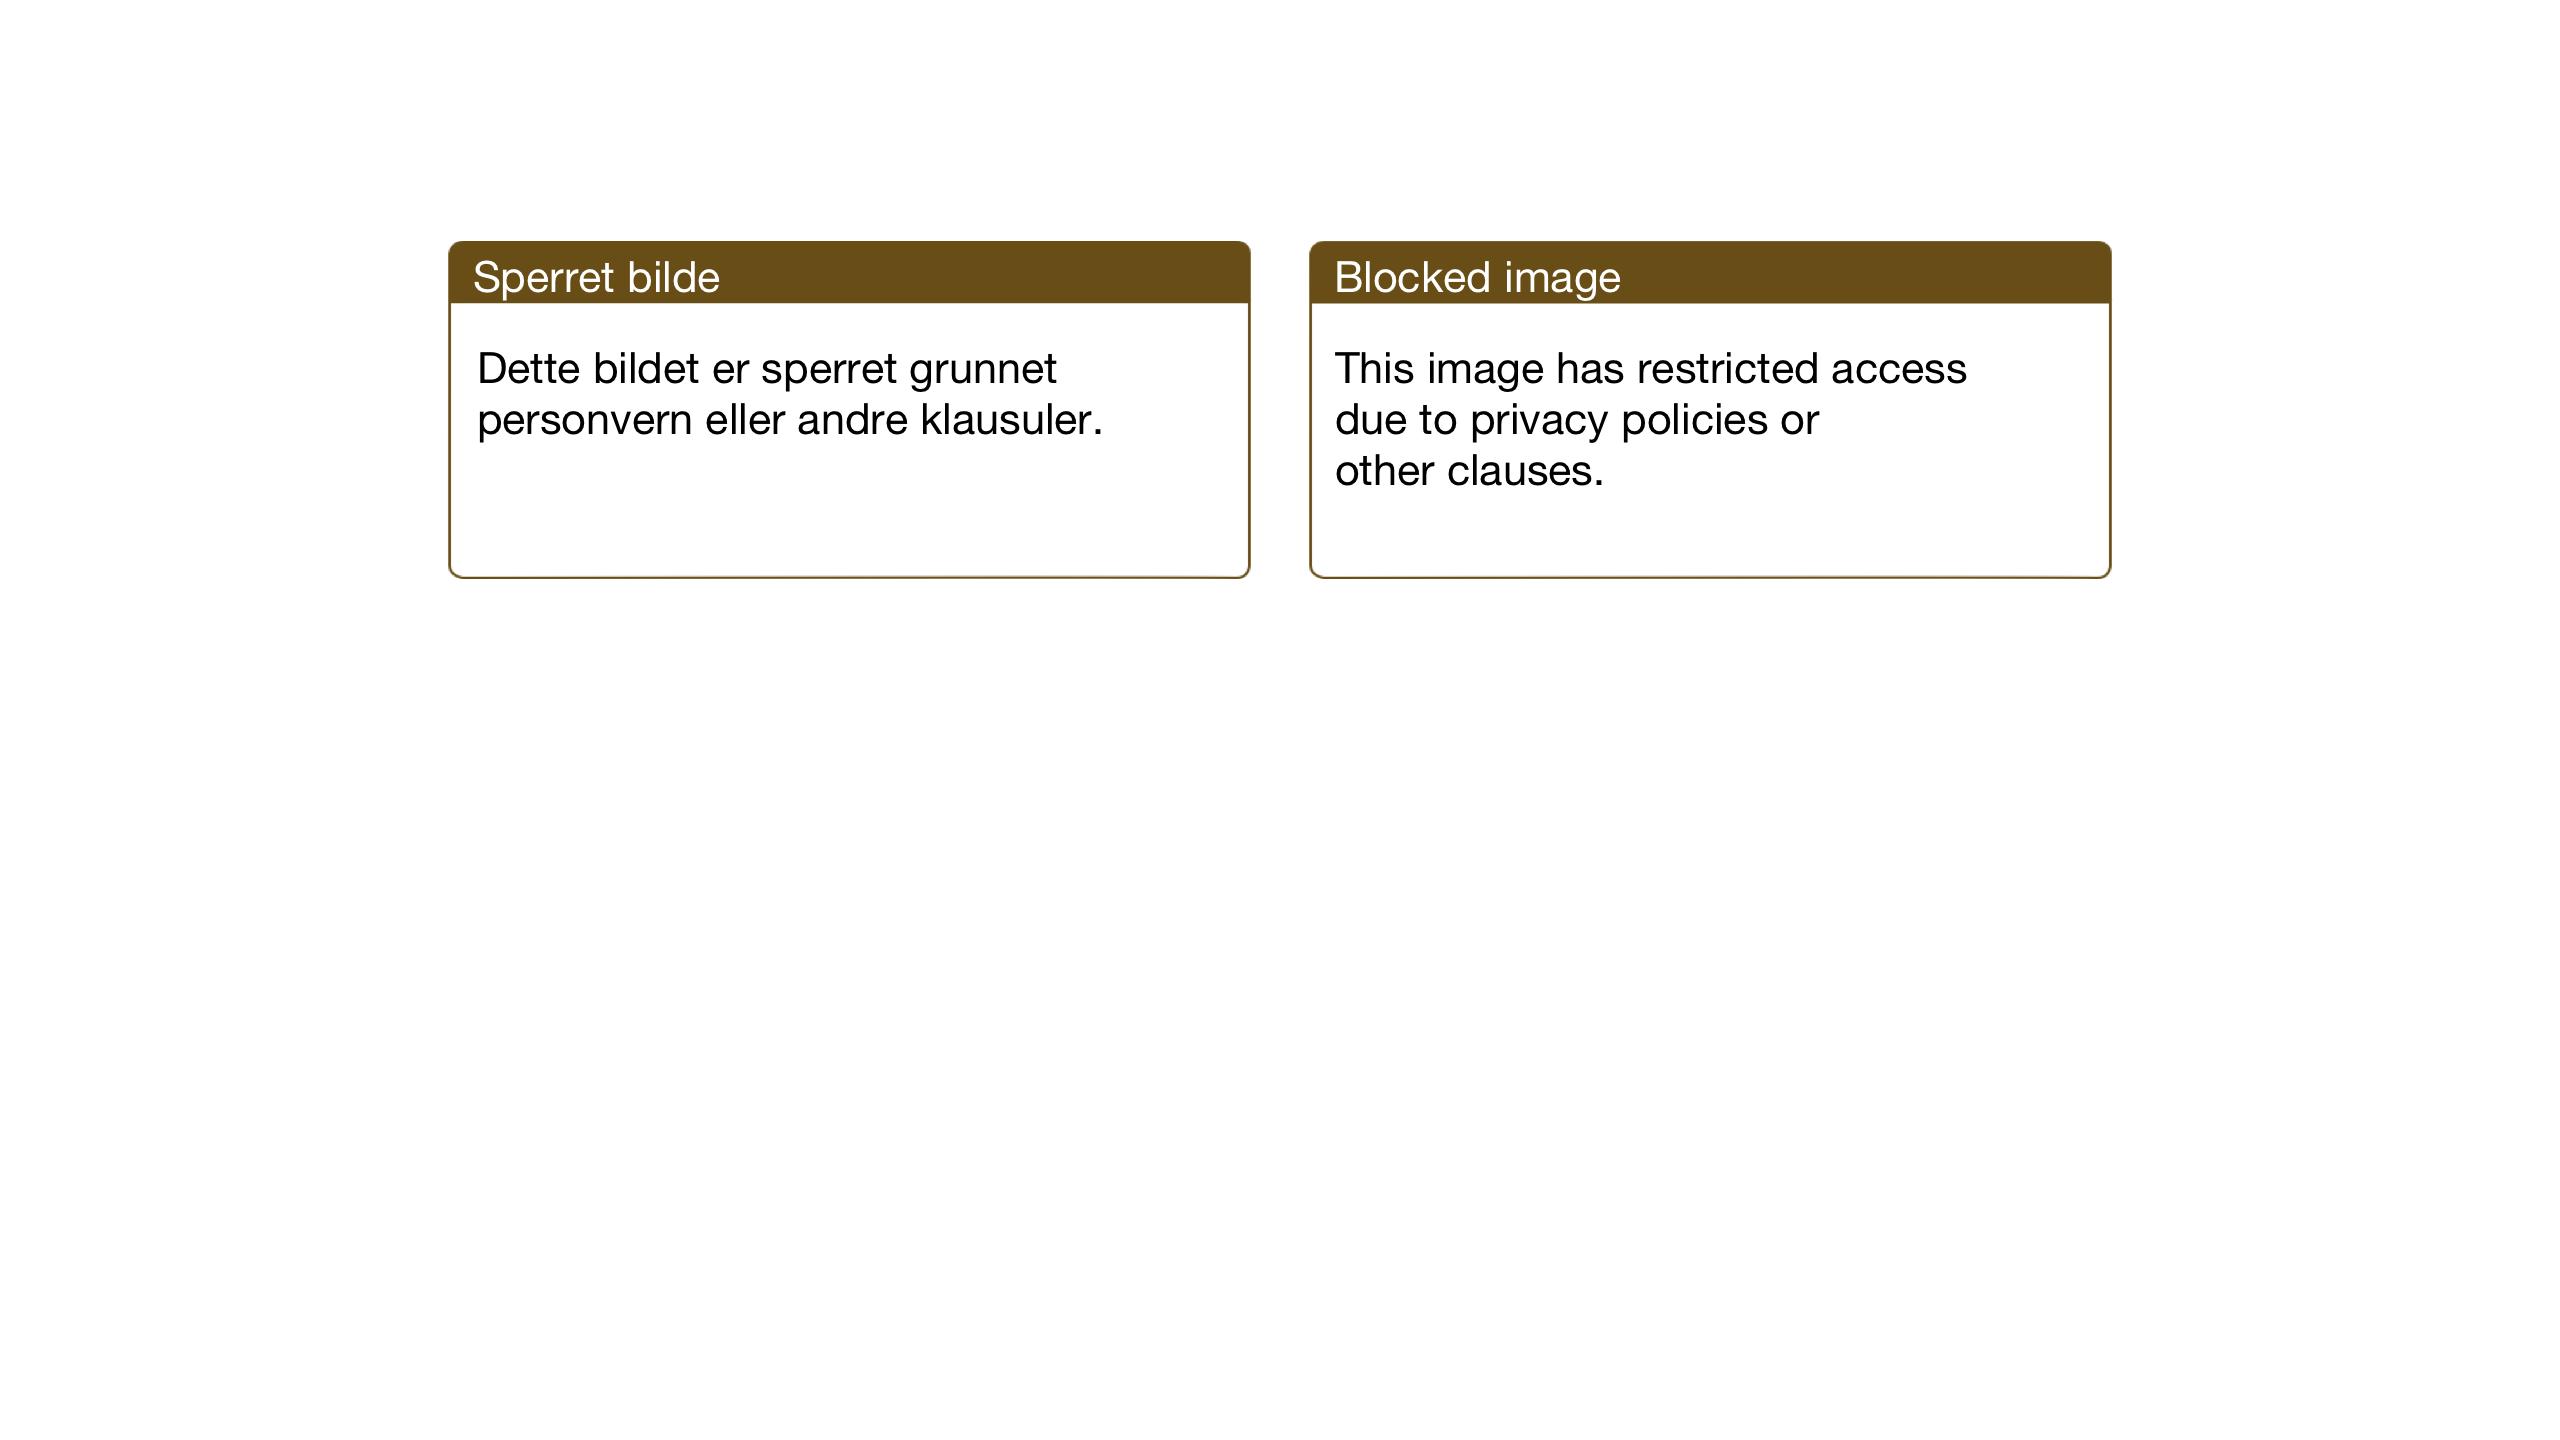 SAT, Ministerialprotokoller, klokkerbøker og fødselsregistre - Nord-Trøndelag, 755/L0500: Klokkerbok nr. 755C01, 1920-1962, s. 173